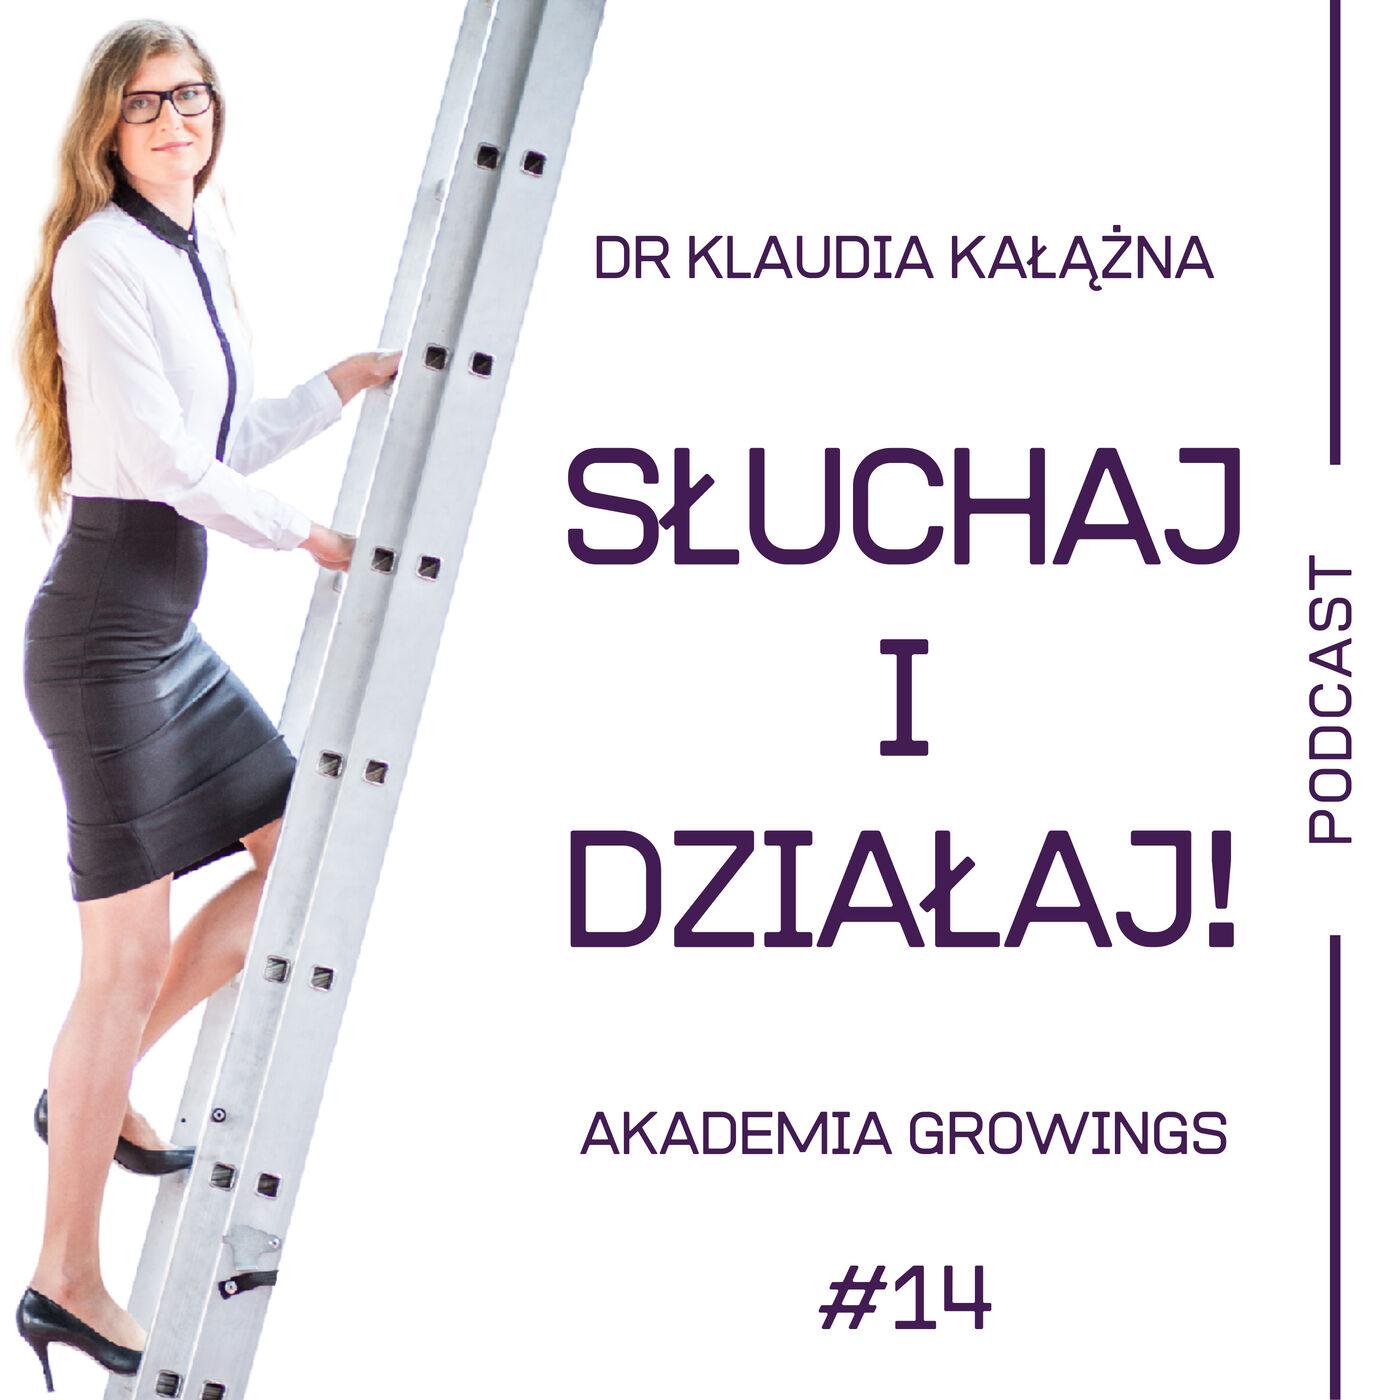 #14 Czy wiesz, że siła woli jest mięśniem? Dowiedz się co zrobić, żeby realizować założone cele!